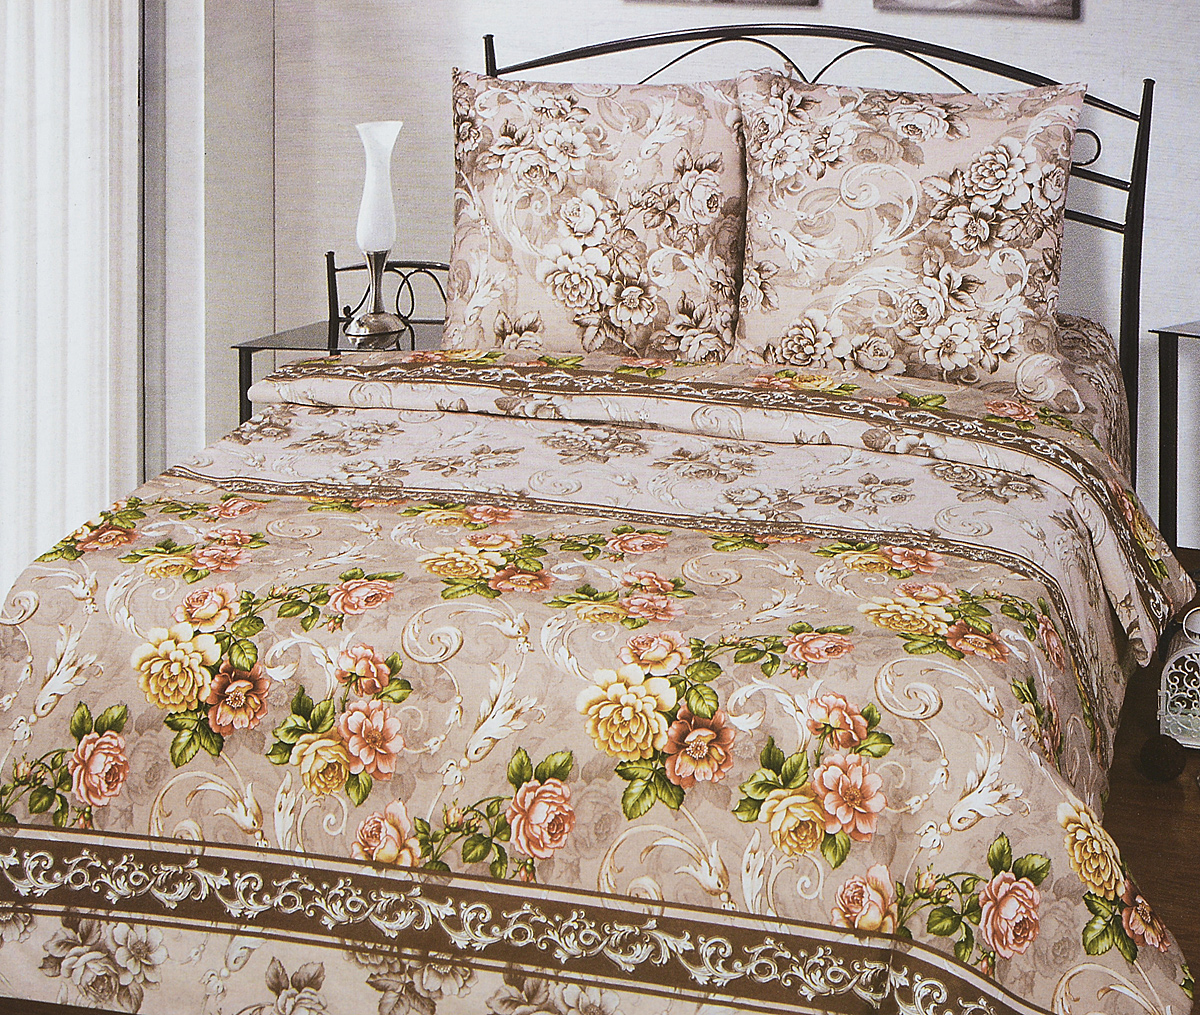 Комплект белья АртПостель Желание, 2-спальный, наволочки 70x70. 509